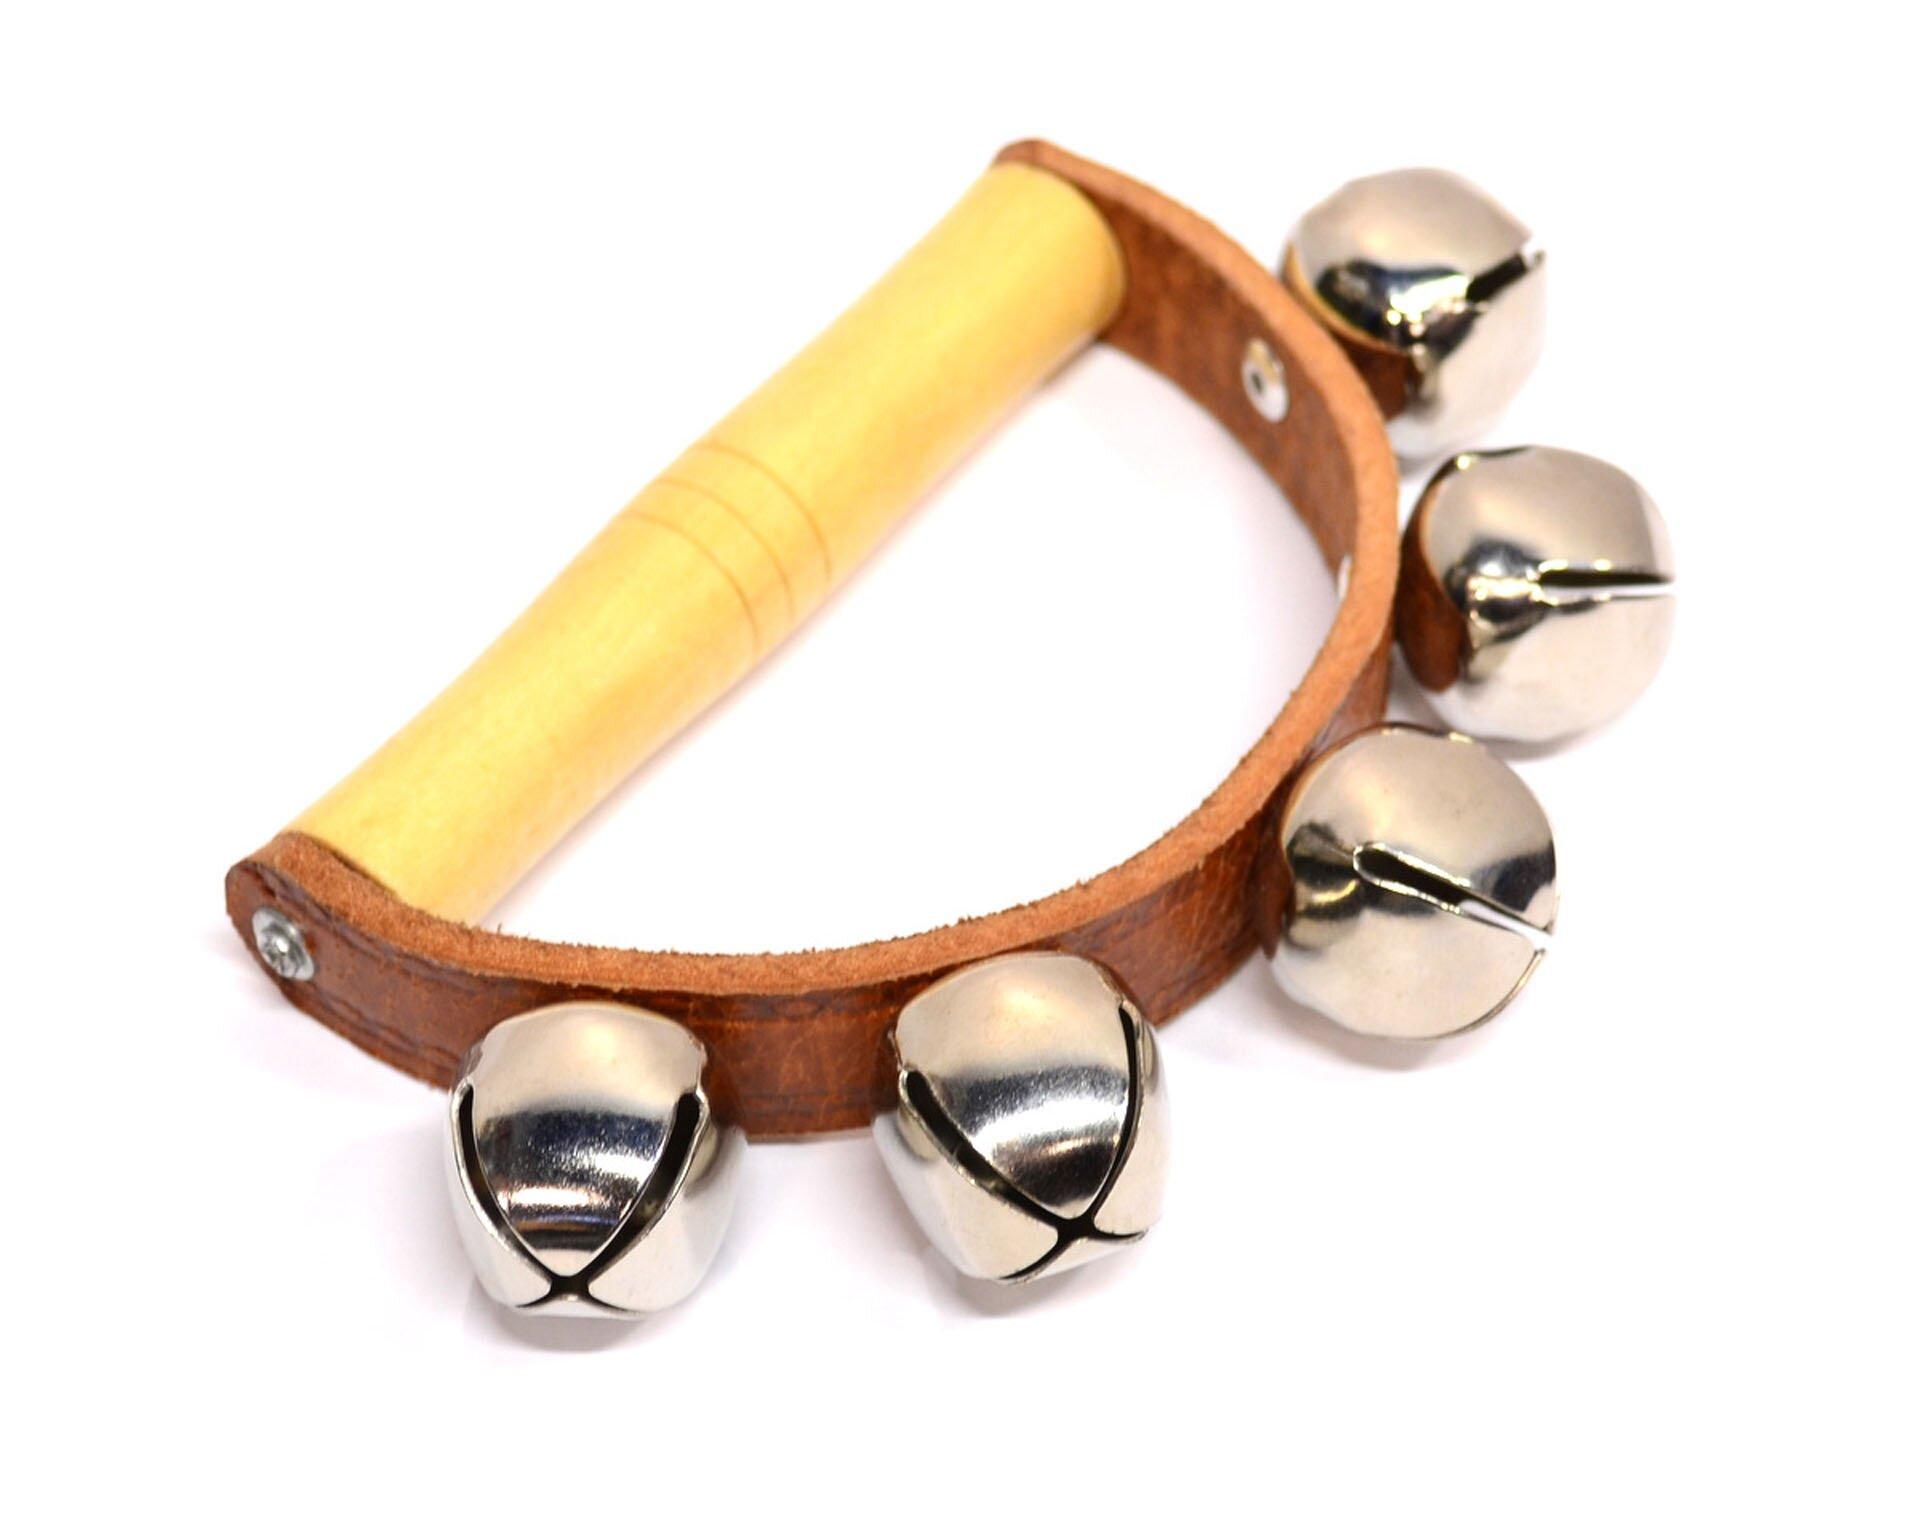 Ilustracja przedstawia janczary, rodzaj instrumentu muzycznego zgrupy idiofonów, wpostaci niewielkich dzwoneczków. Klasyczny sposób ich użycia polega na przywiązaniu ich do uprzęży końskiej, skutkiem czego zaprzęg biegnąc wywołuje charakterystyczny dźwięk wrytm końskich kroków.